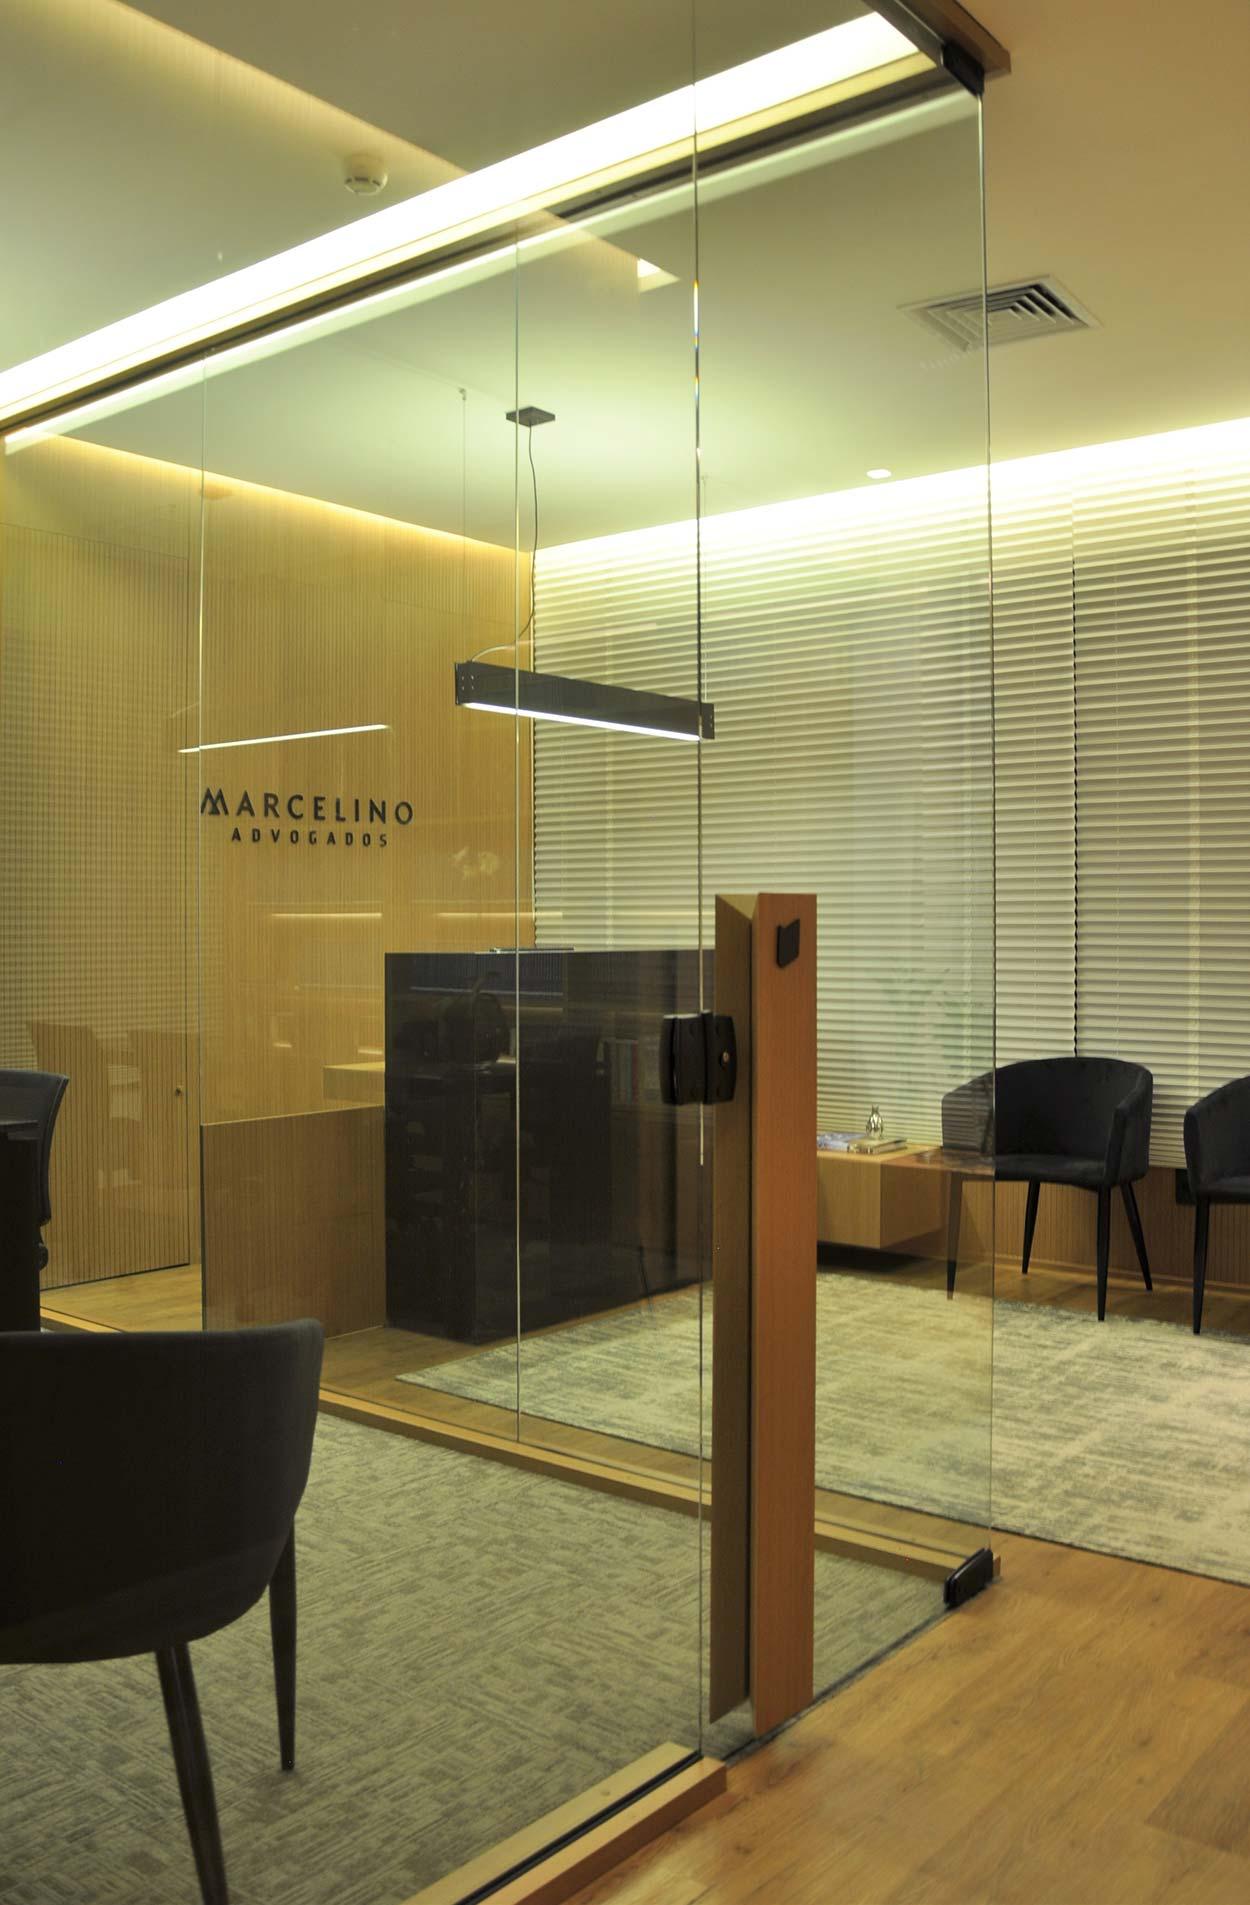 veridianaperes-comerciaisecorporativos-marcelinoadv23